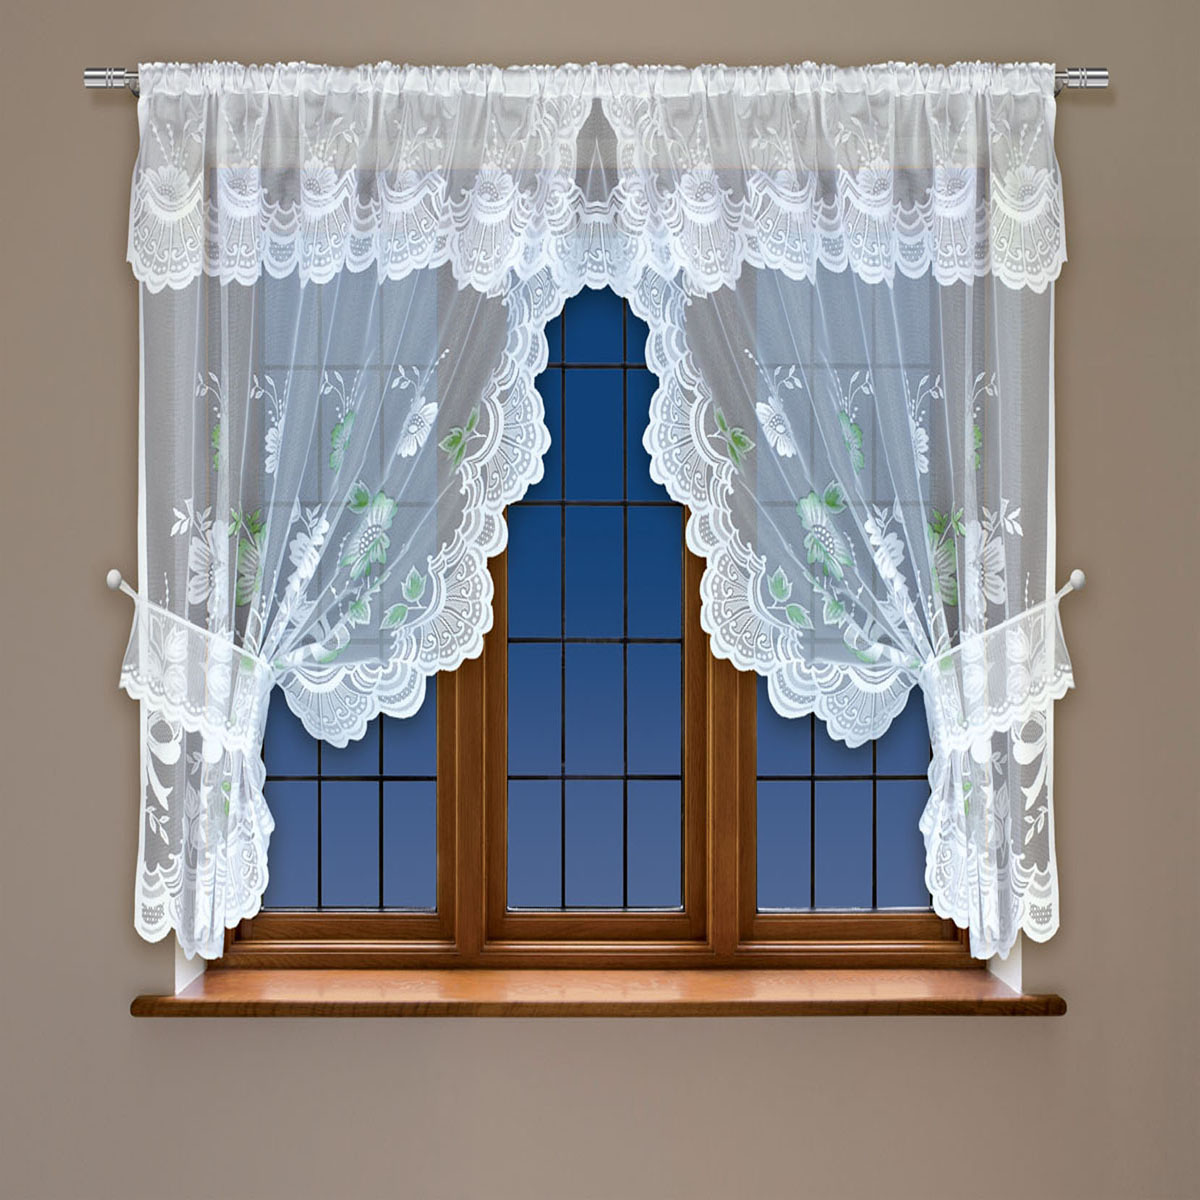 Гардина Haft, на кулиске, цвет: белый, высота 91 см. 202561SVC-300Воздушная гардина Haft, выполненная из полиэстера, великолепно украсит любое окно.Изделие имеет оригинальный дизайн и органично впишется в интерьер помещения.Гардина крепится на карниз при помощи кулиски.